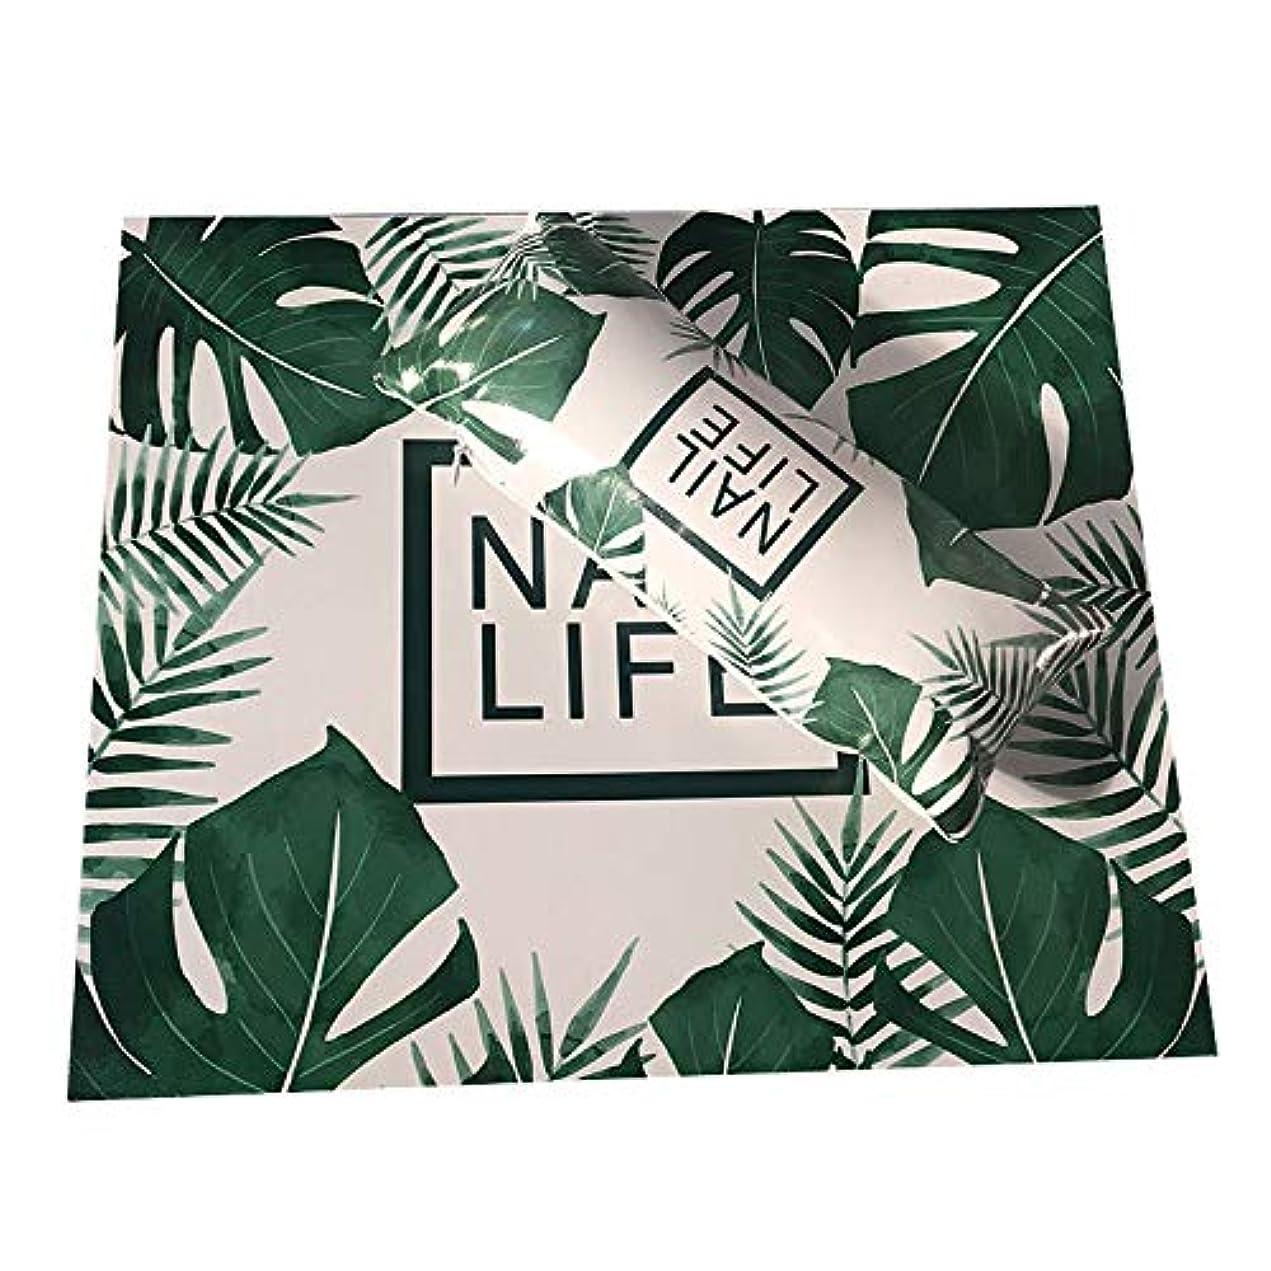 闇式セットアップCUHAWUDBA ネイルアート用手枕のクッション、ネイルポリッシュのホルダー、ソフト、Puレザー、スポンジのアームレスト、ストライプのデザイン、サロンのマニキュア(植物#)